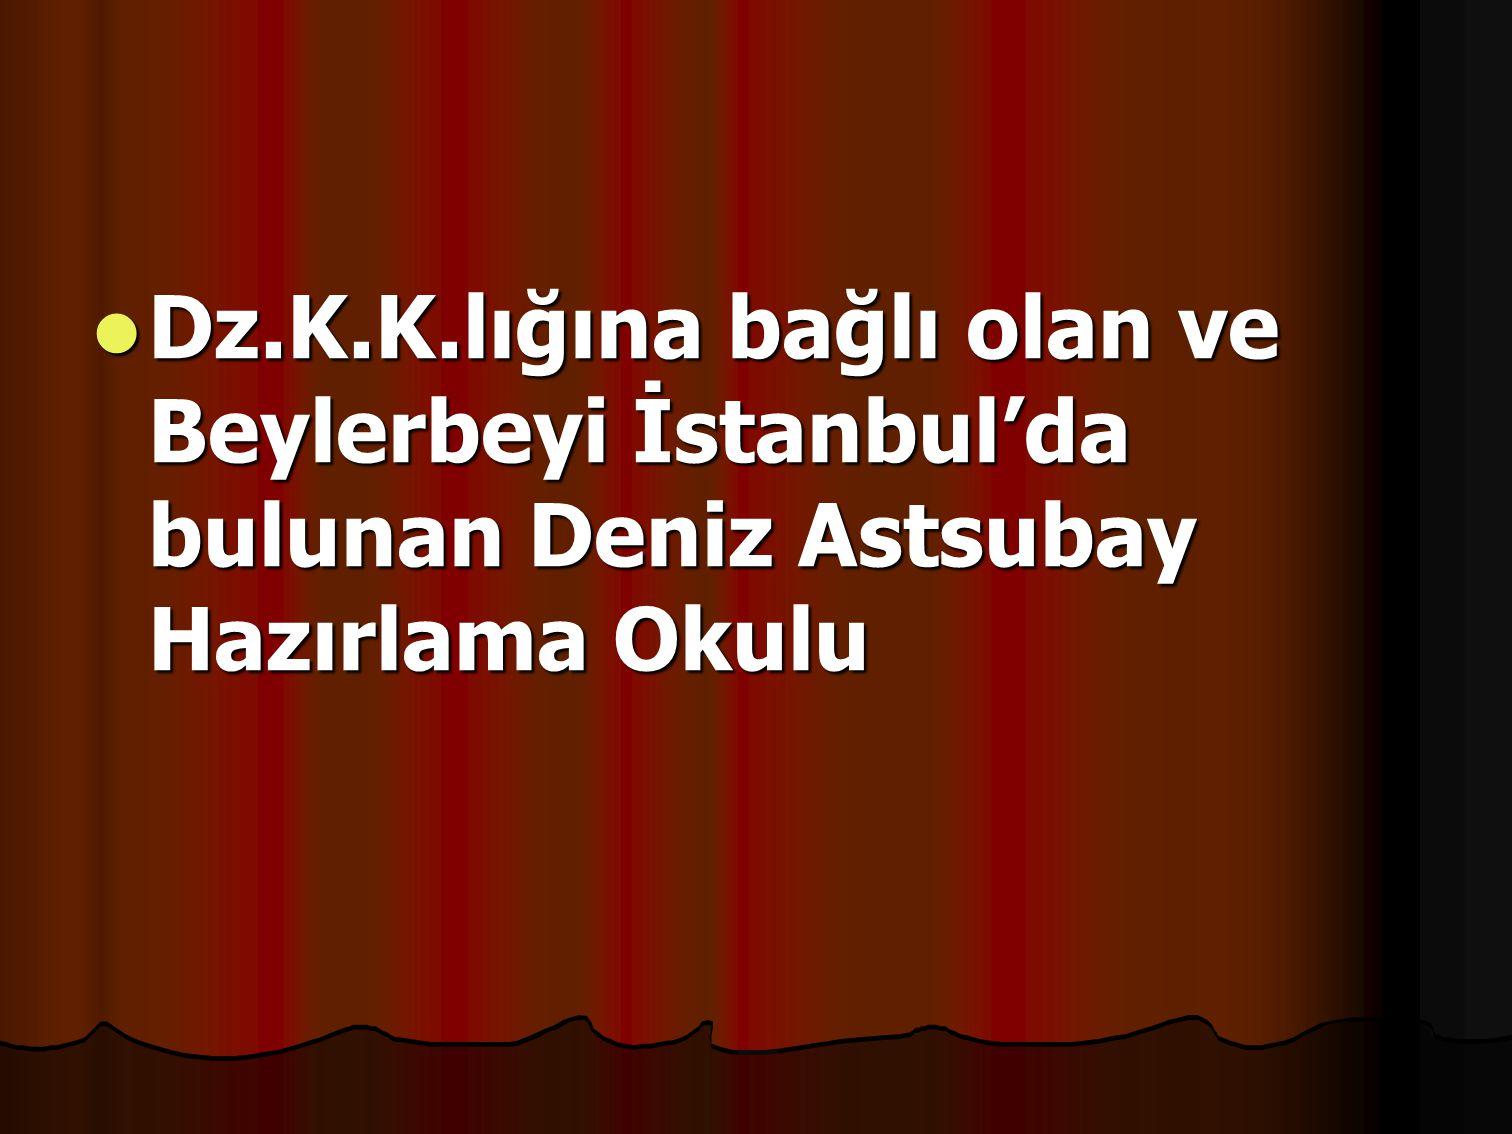 Dz.K.K.lığına bağlı olan ve Beylerbeyi İstanbul'da bulunan Deniz Astsubay Hazırlama Okulu Dz.K.K.lığına bağlı olan ve Beylerbeyi İstanbul'da bulunan Deniz Astsubay Hazırlama Okulu